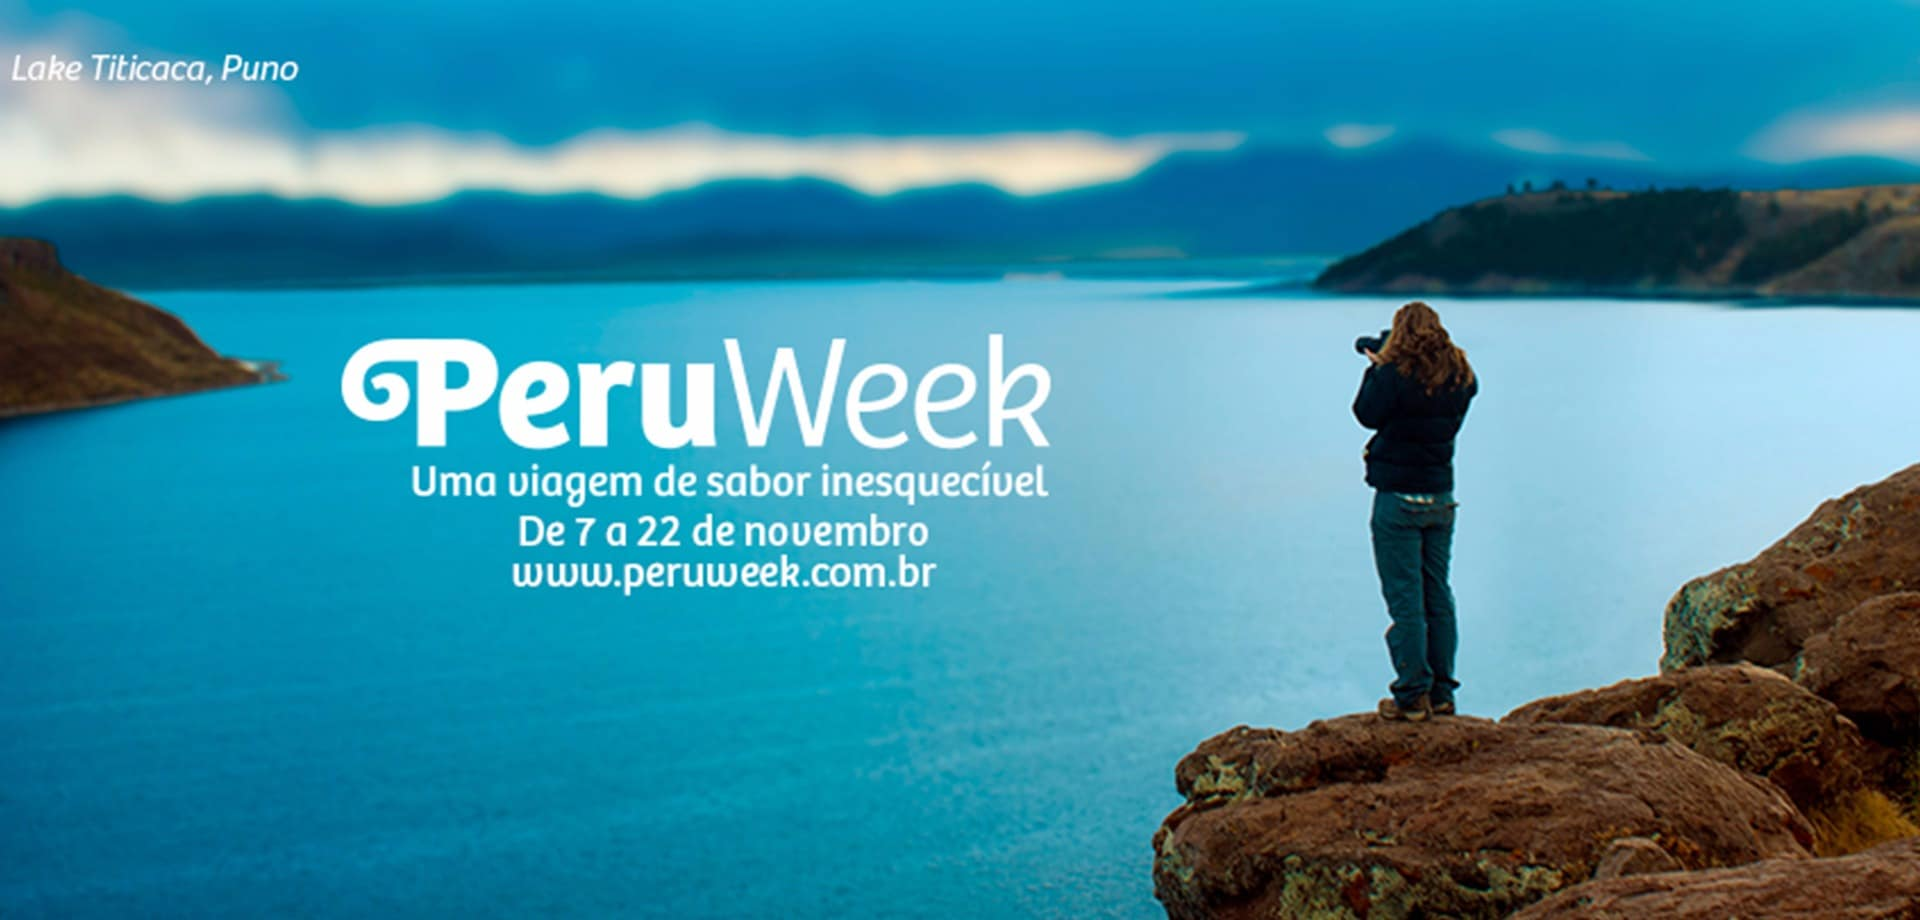 Peru week titicaca